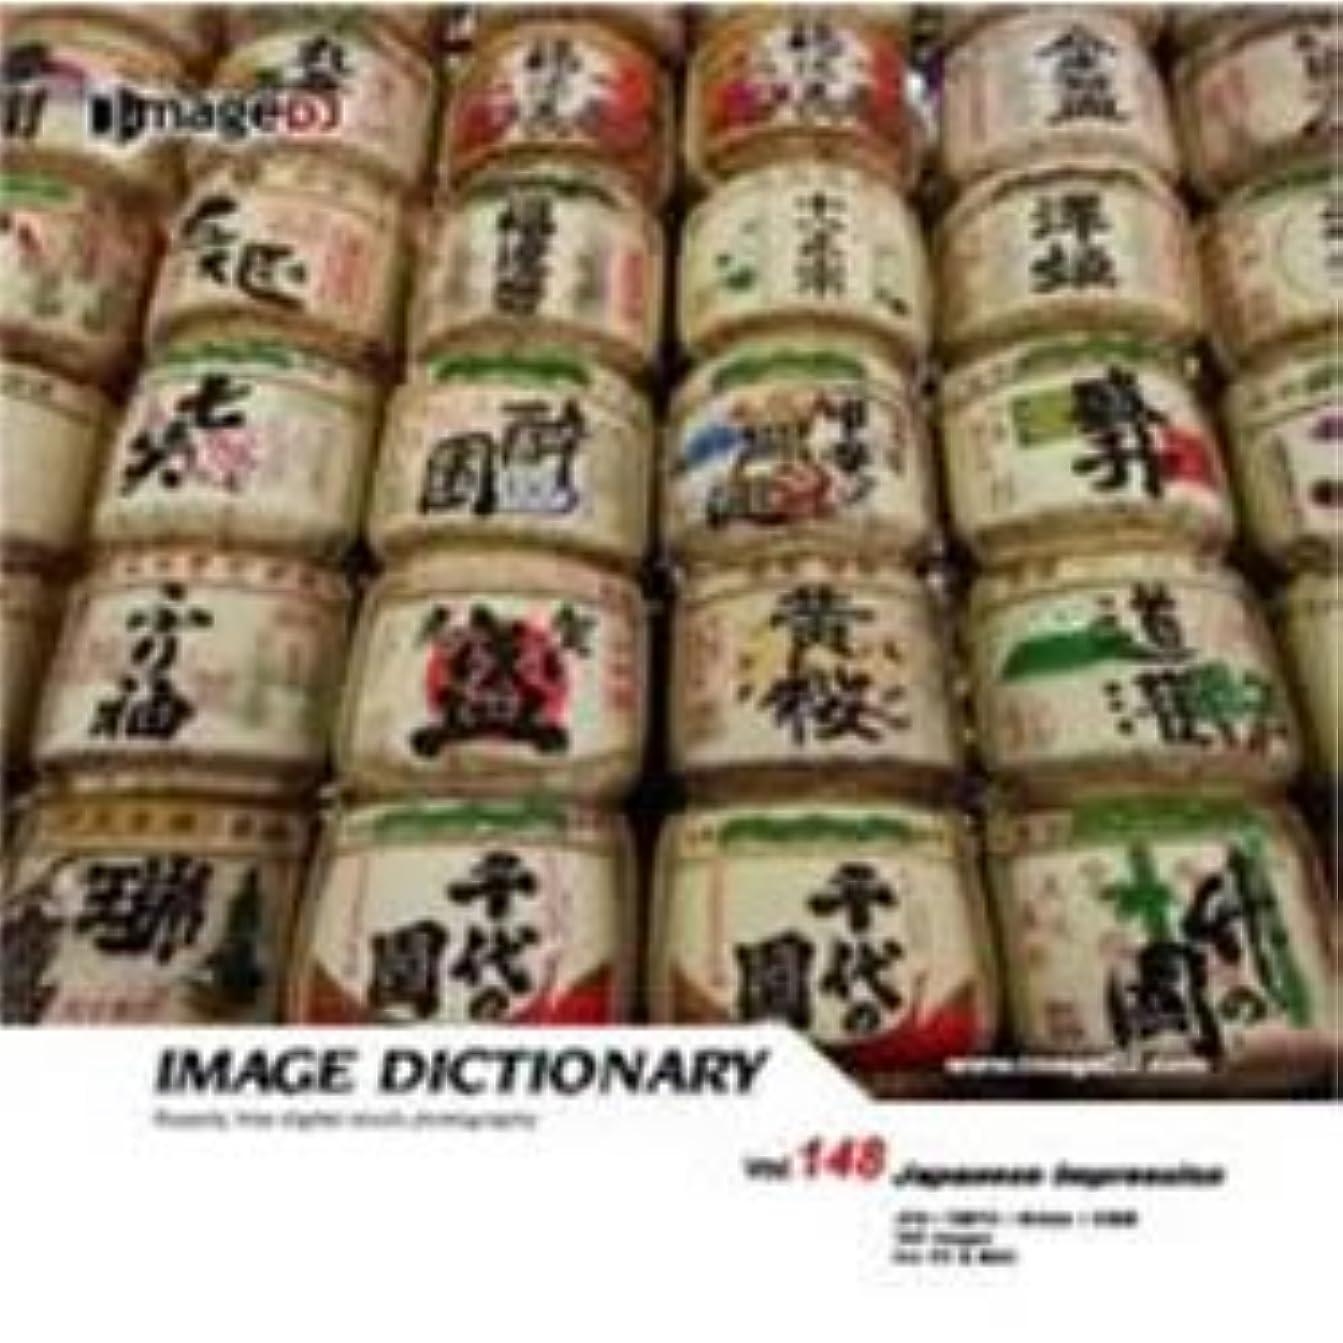 ポテト元気なアラビア語イメージ ディクショナリー Vol.148 日本